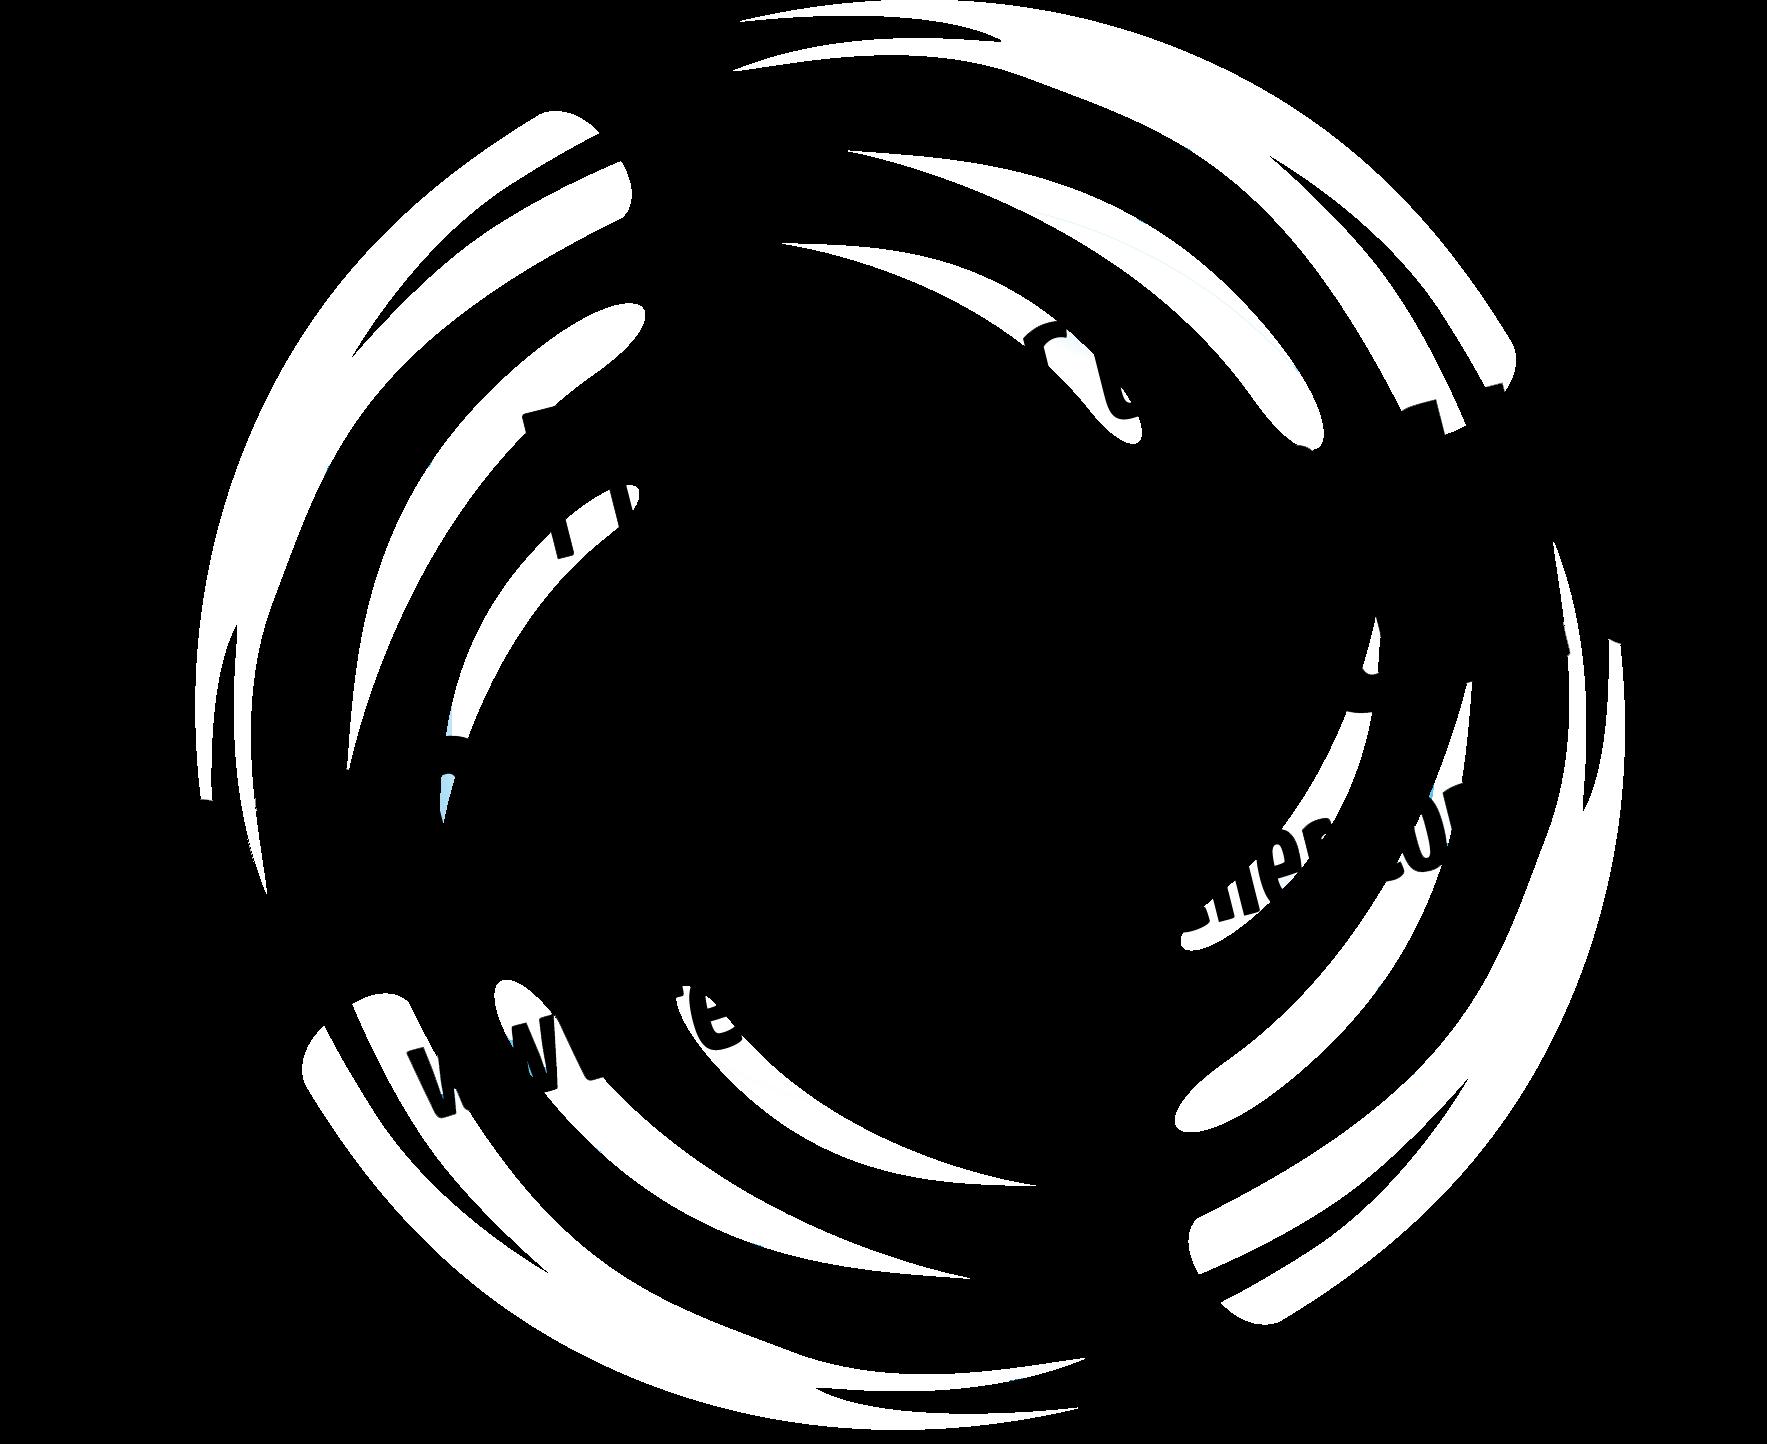 Flugsport Team Holzmüller aus Engelhartszell im Bezirk Schärding | Flugsport Team Holzmüller aus Engelhartszell im Bezirk Schärding in Oberösterreich für Gleitschirme, Motorschirme, Motortrikes, Sicherheitsschulungen und Reisen